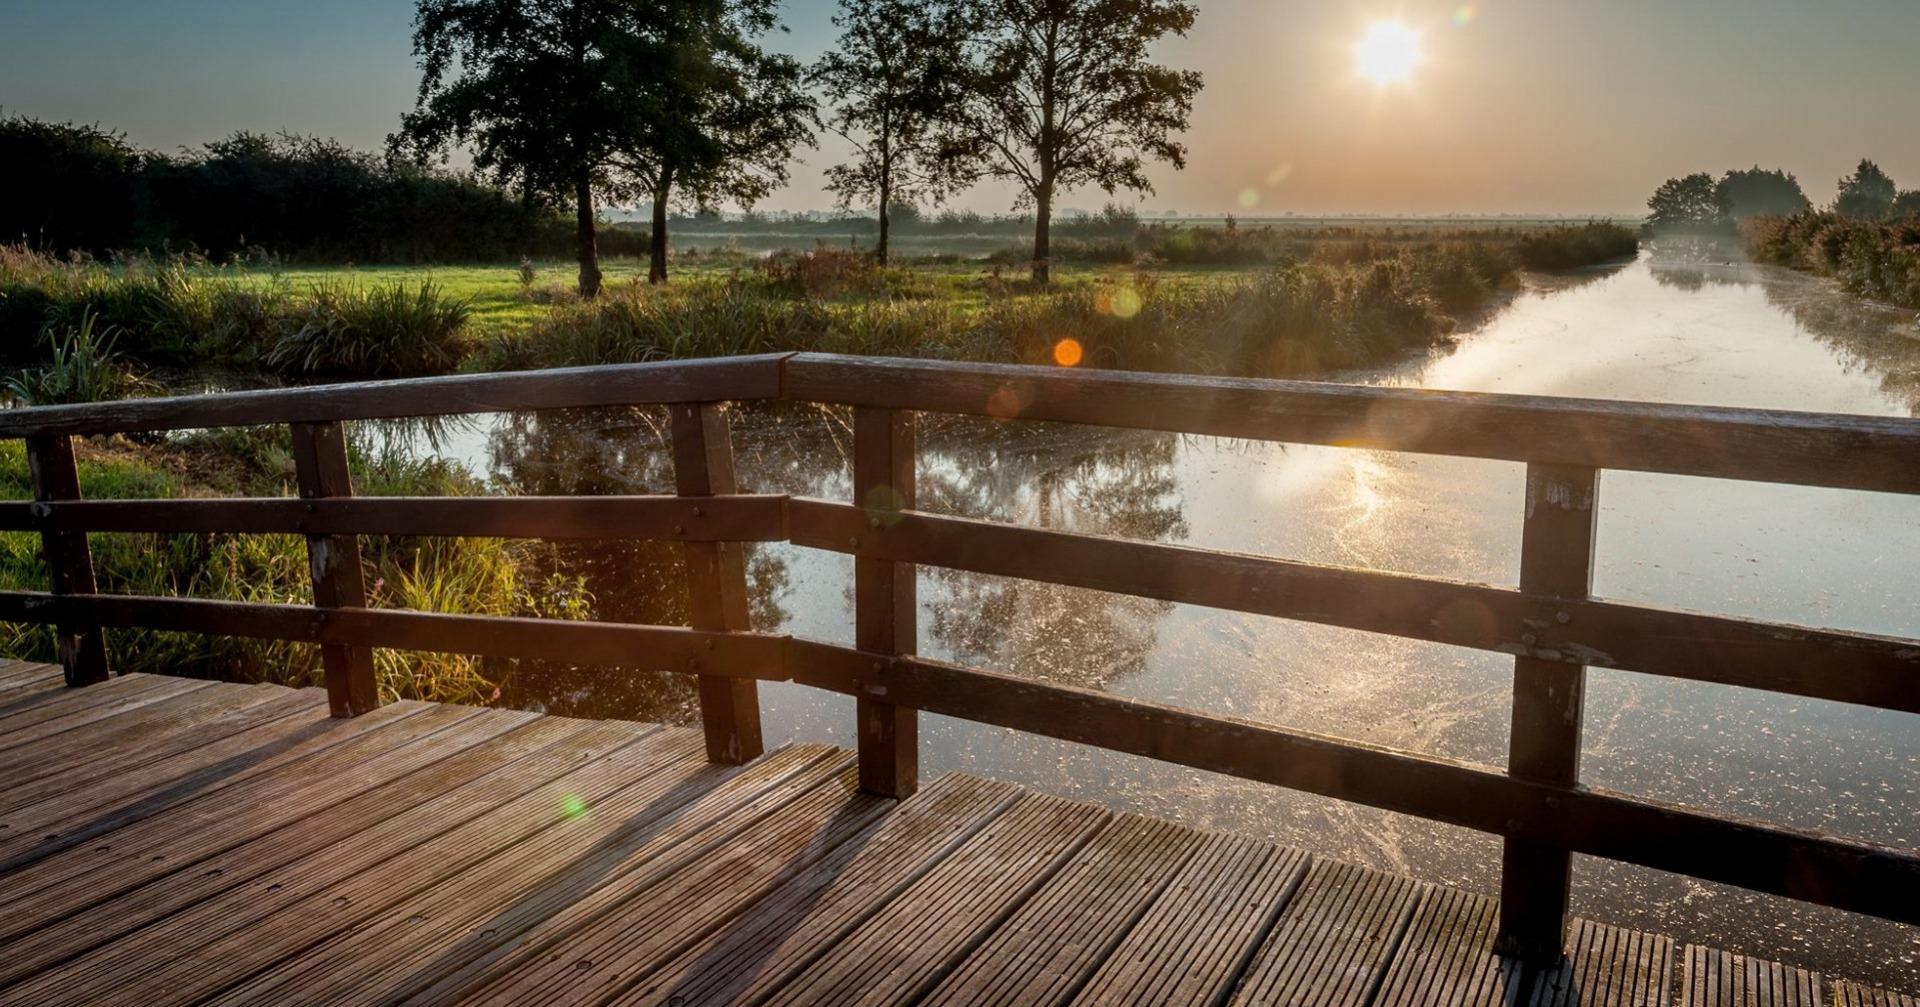 Perdijk advies in reeuwijk verzekeringen hypotheek for Zakelijke hypotheek